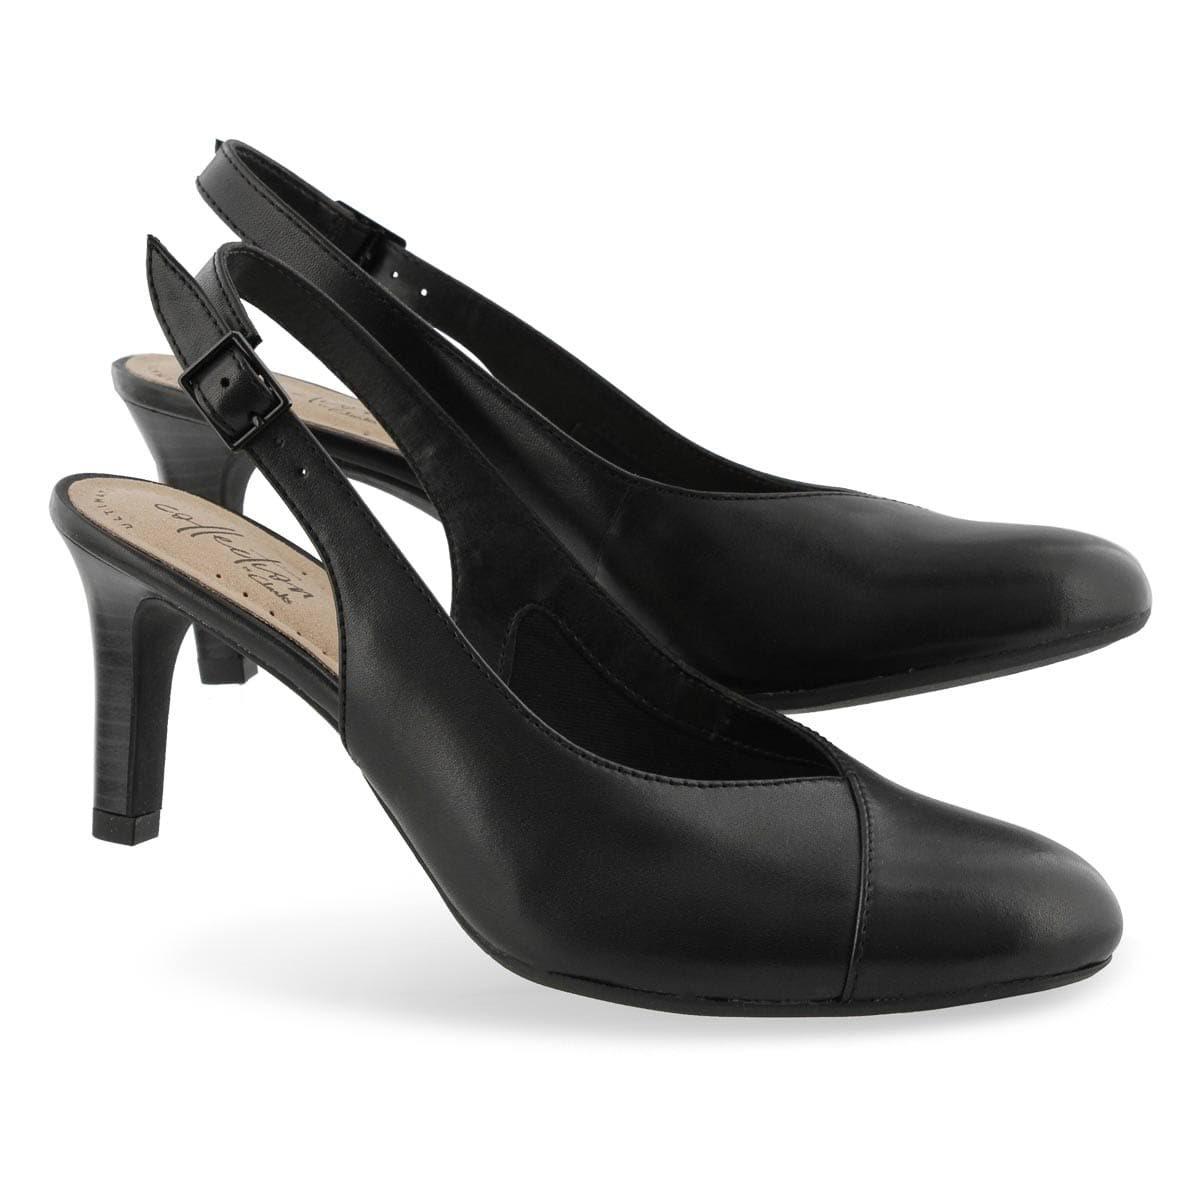 Clarks mix sling Dames danser rug jurk zwart hak 6gYfb7vy